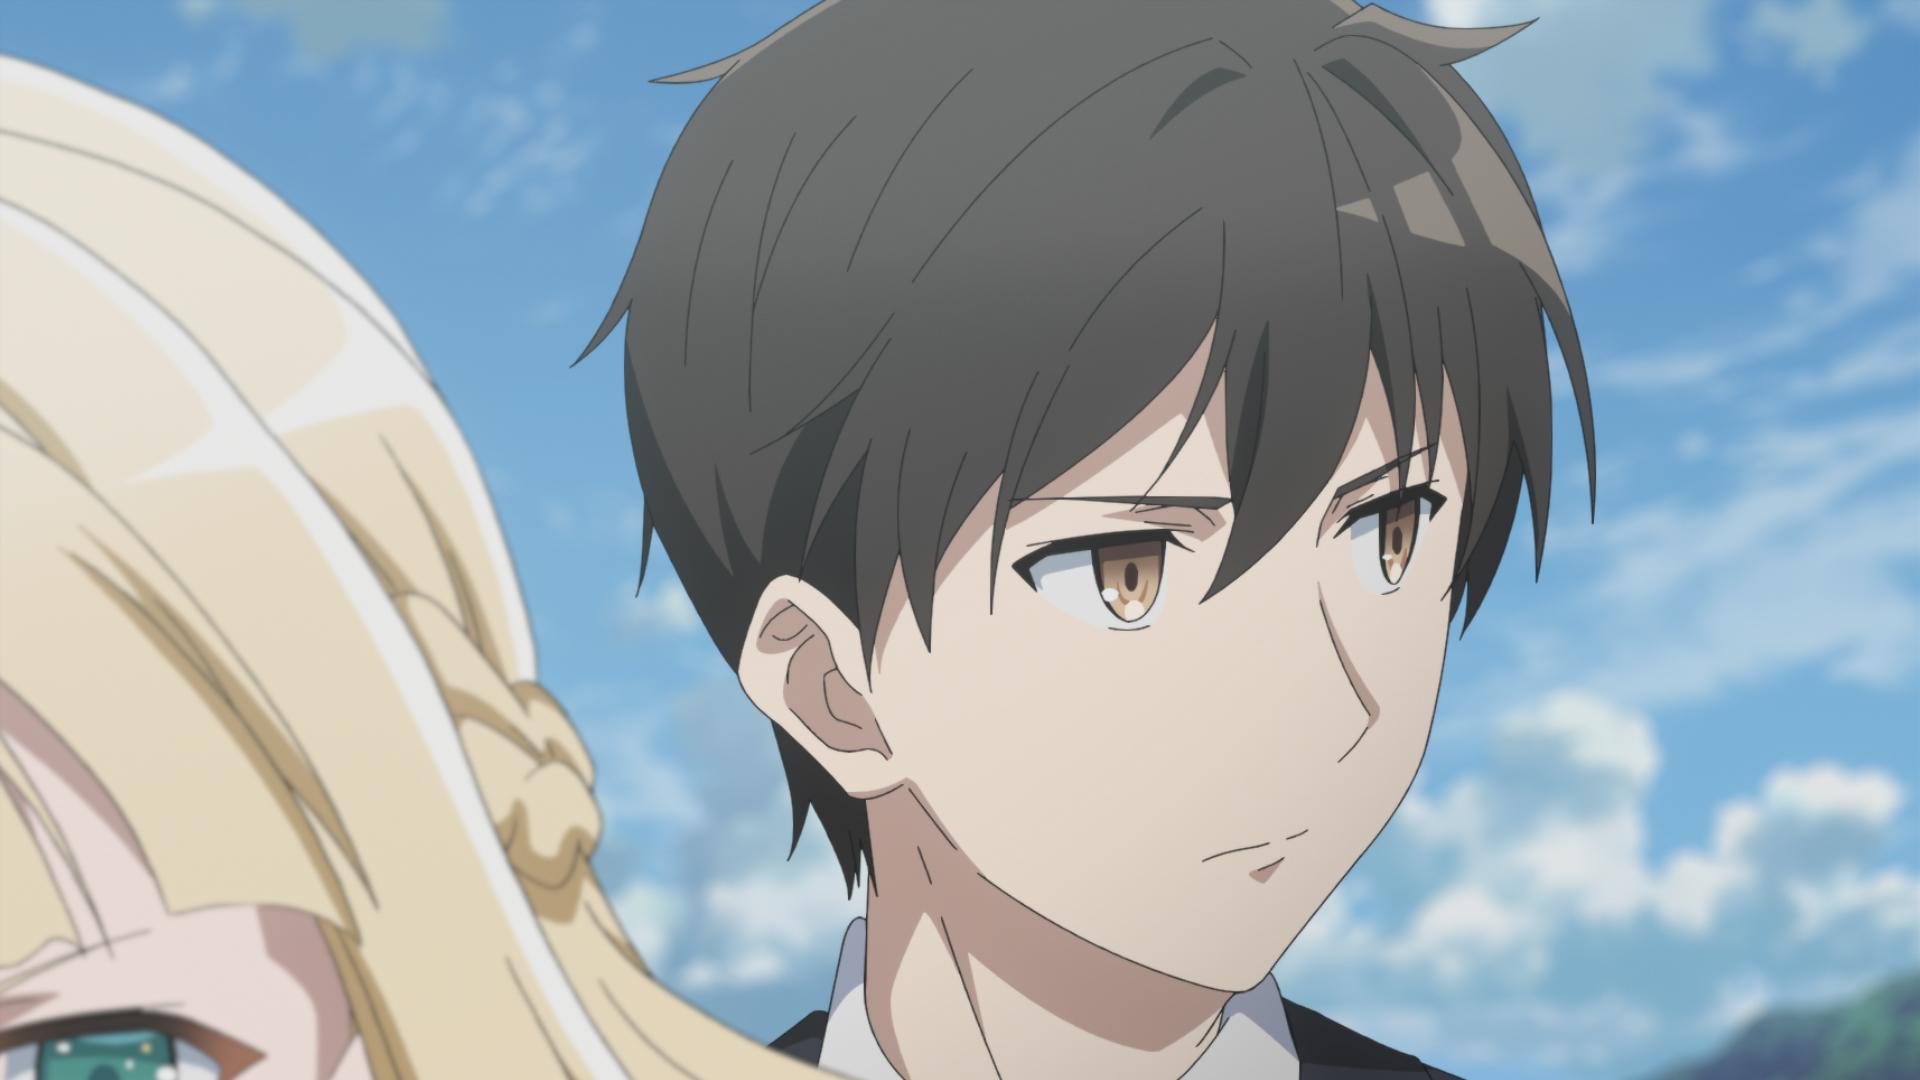 """Captura de tela do episódio 9 de """"The Detective is Already Dead"""", mostrando Kimihiko e um pedaço da cabeça de Charlotte"""